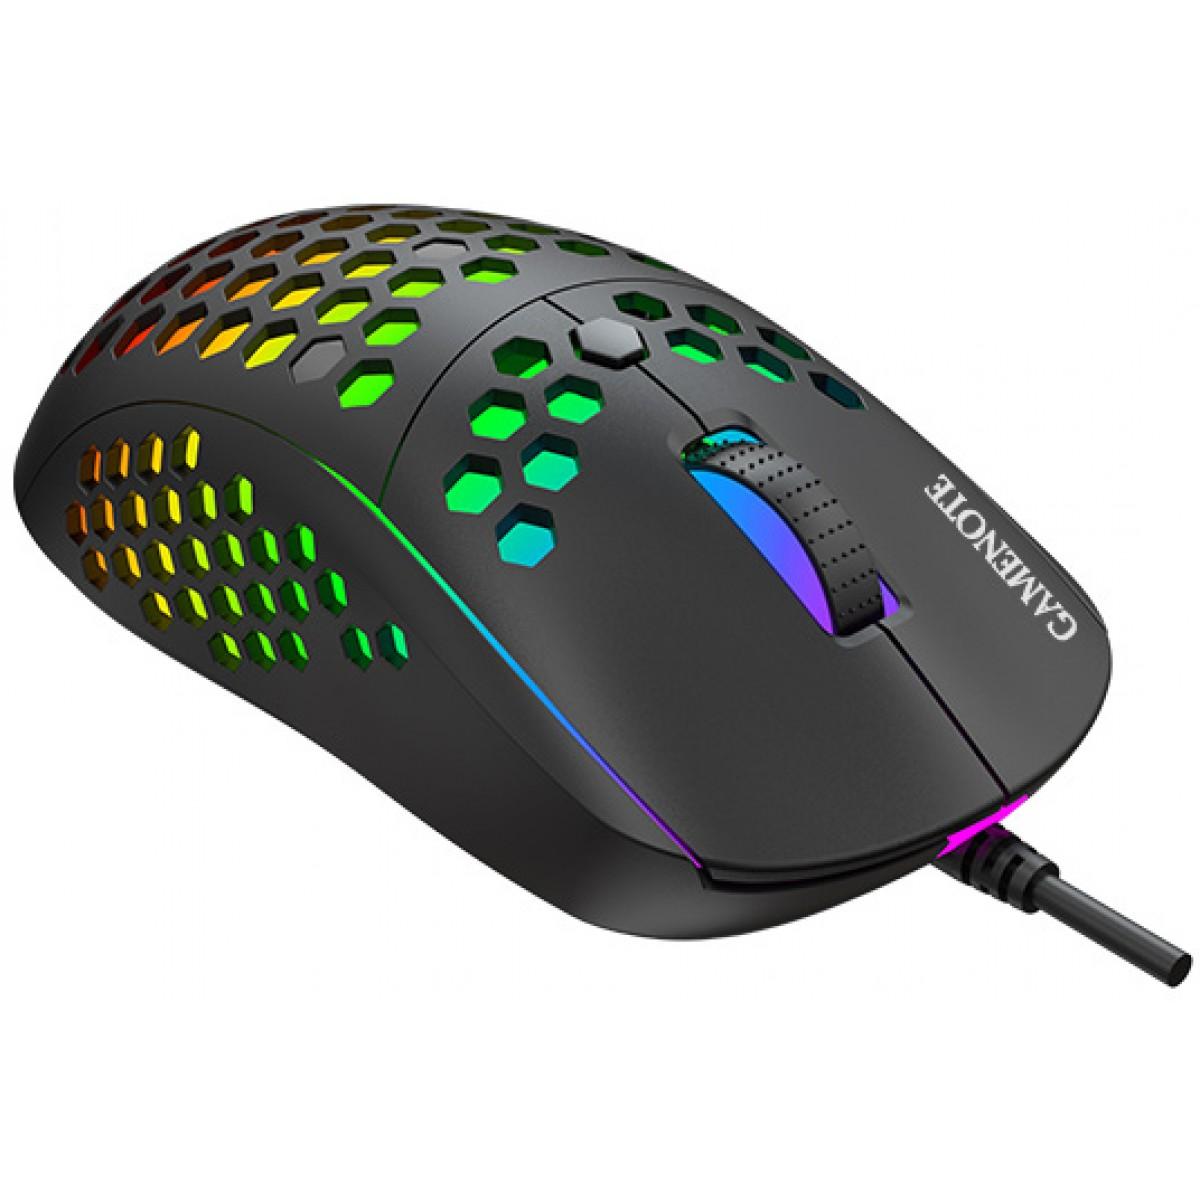 Mouse Gamer Havit Gamenote RGB, 10000 DPI, 7 Botões, Black